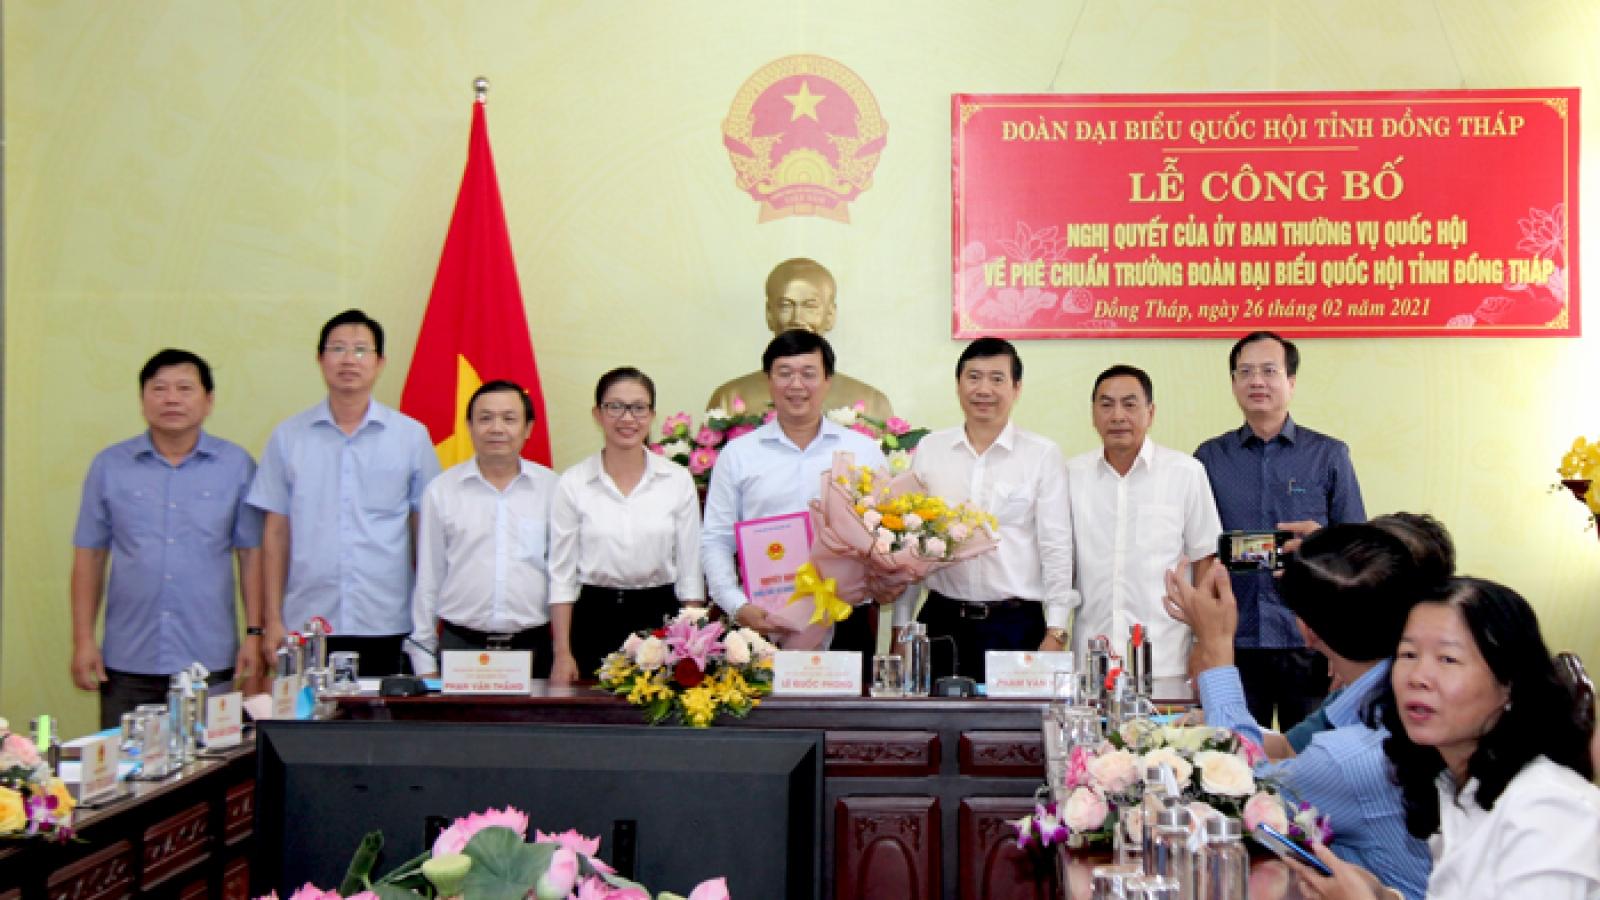 Bí thư Tỉnh ủy Đồng Tháp làm Trưởng Đoàn đại biểu Quốc hội tỉnh